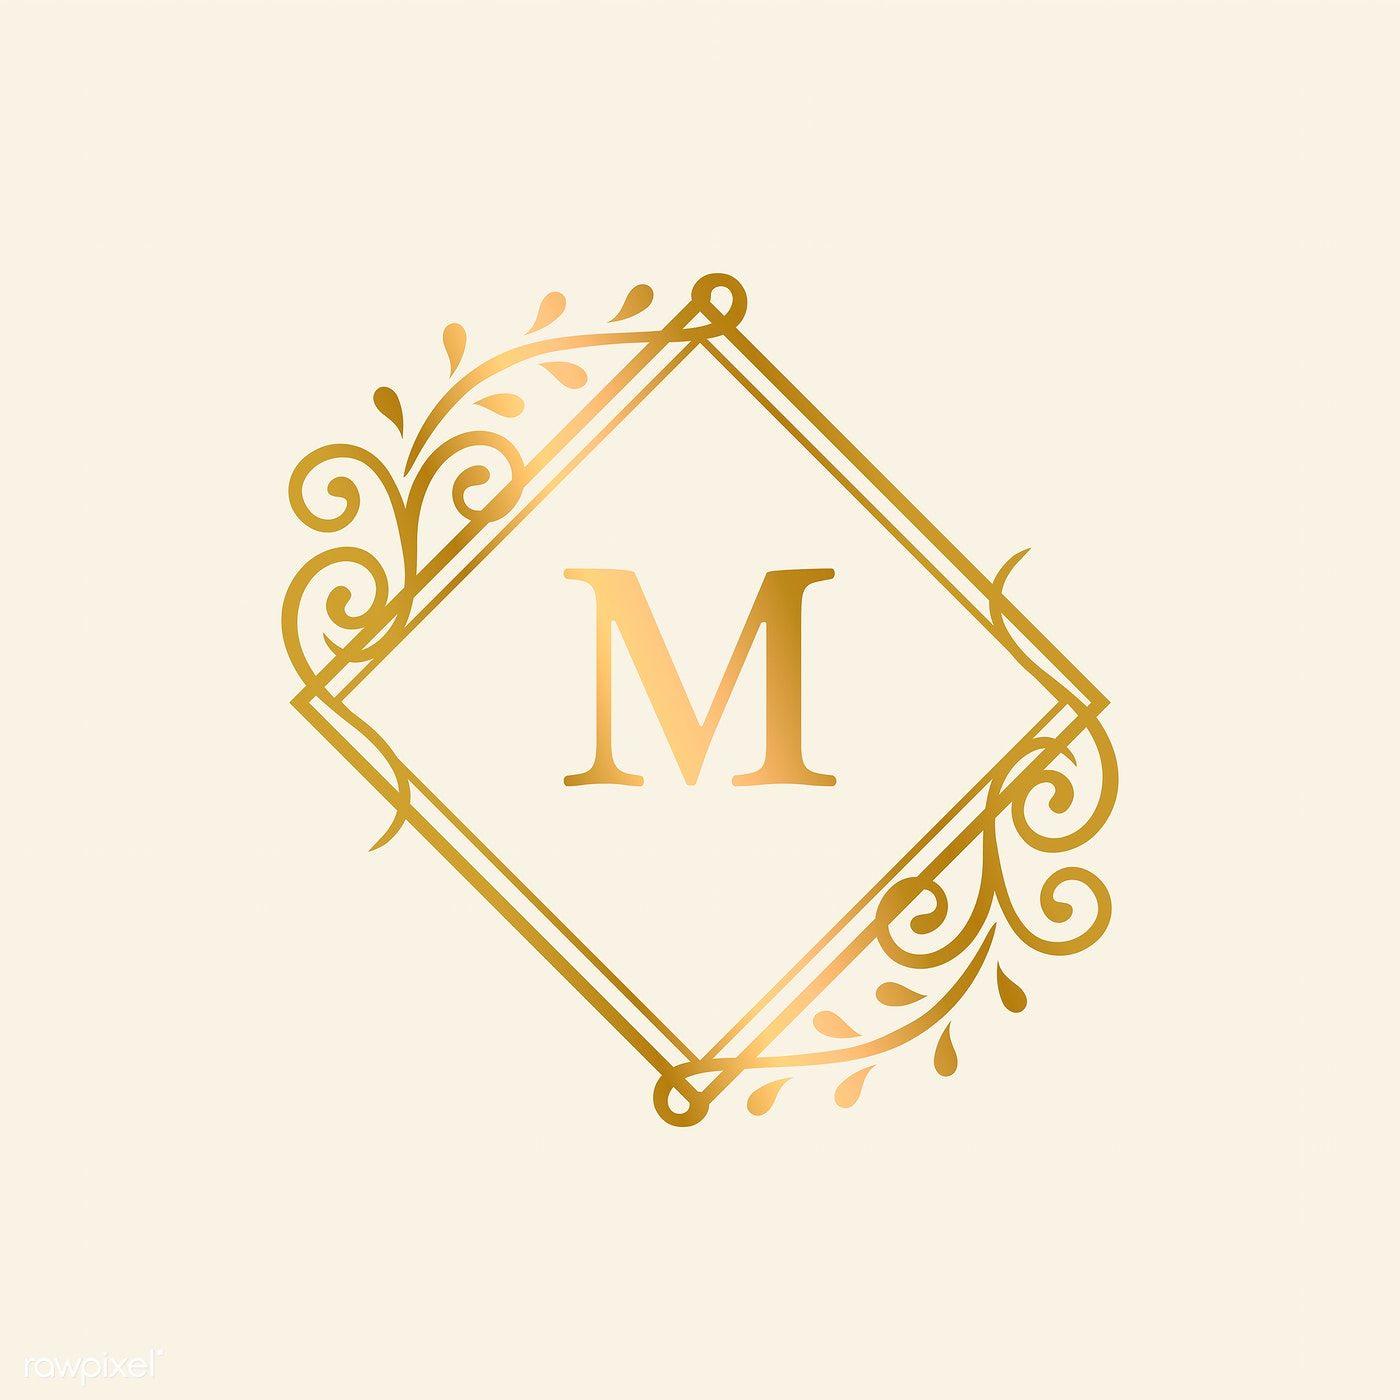 Floral Monogram Wedding Wreath Instant Digital Download Single Letter C Family Crest DIY Wedding Logo